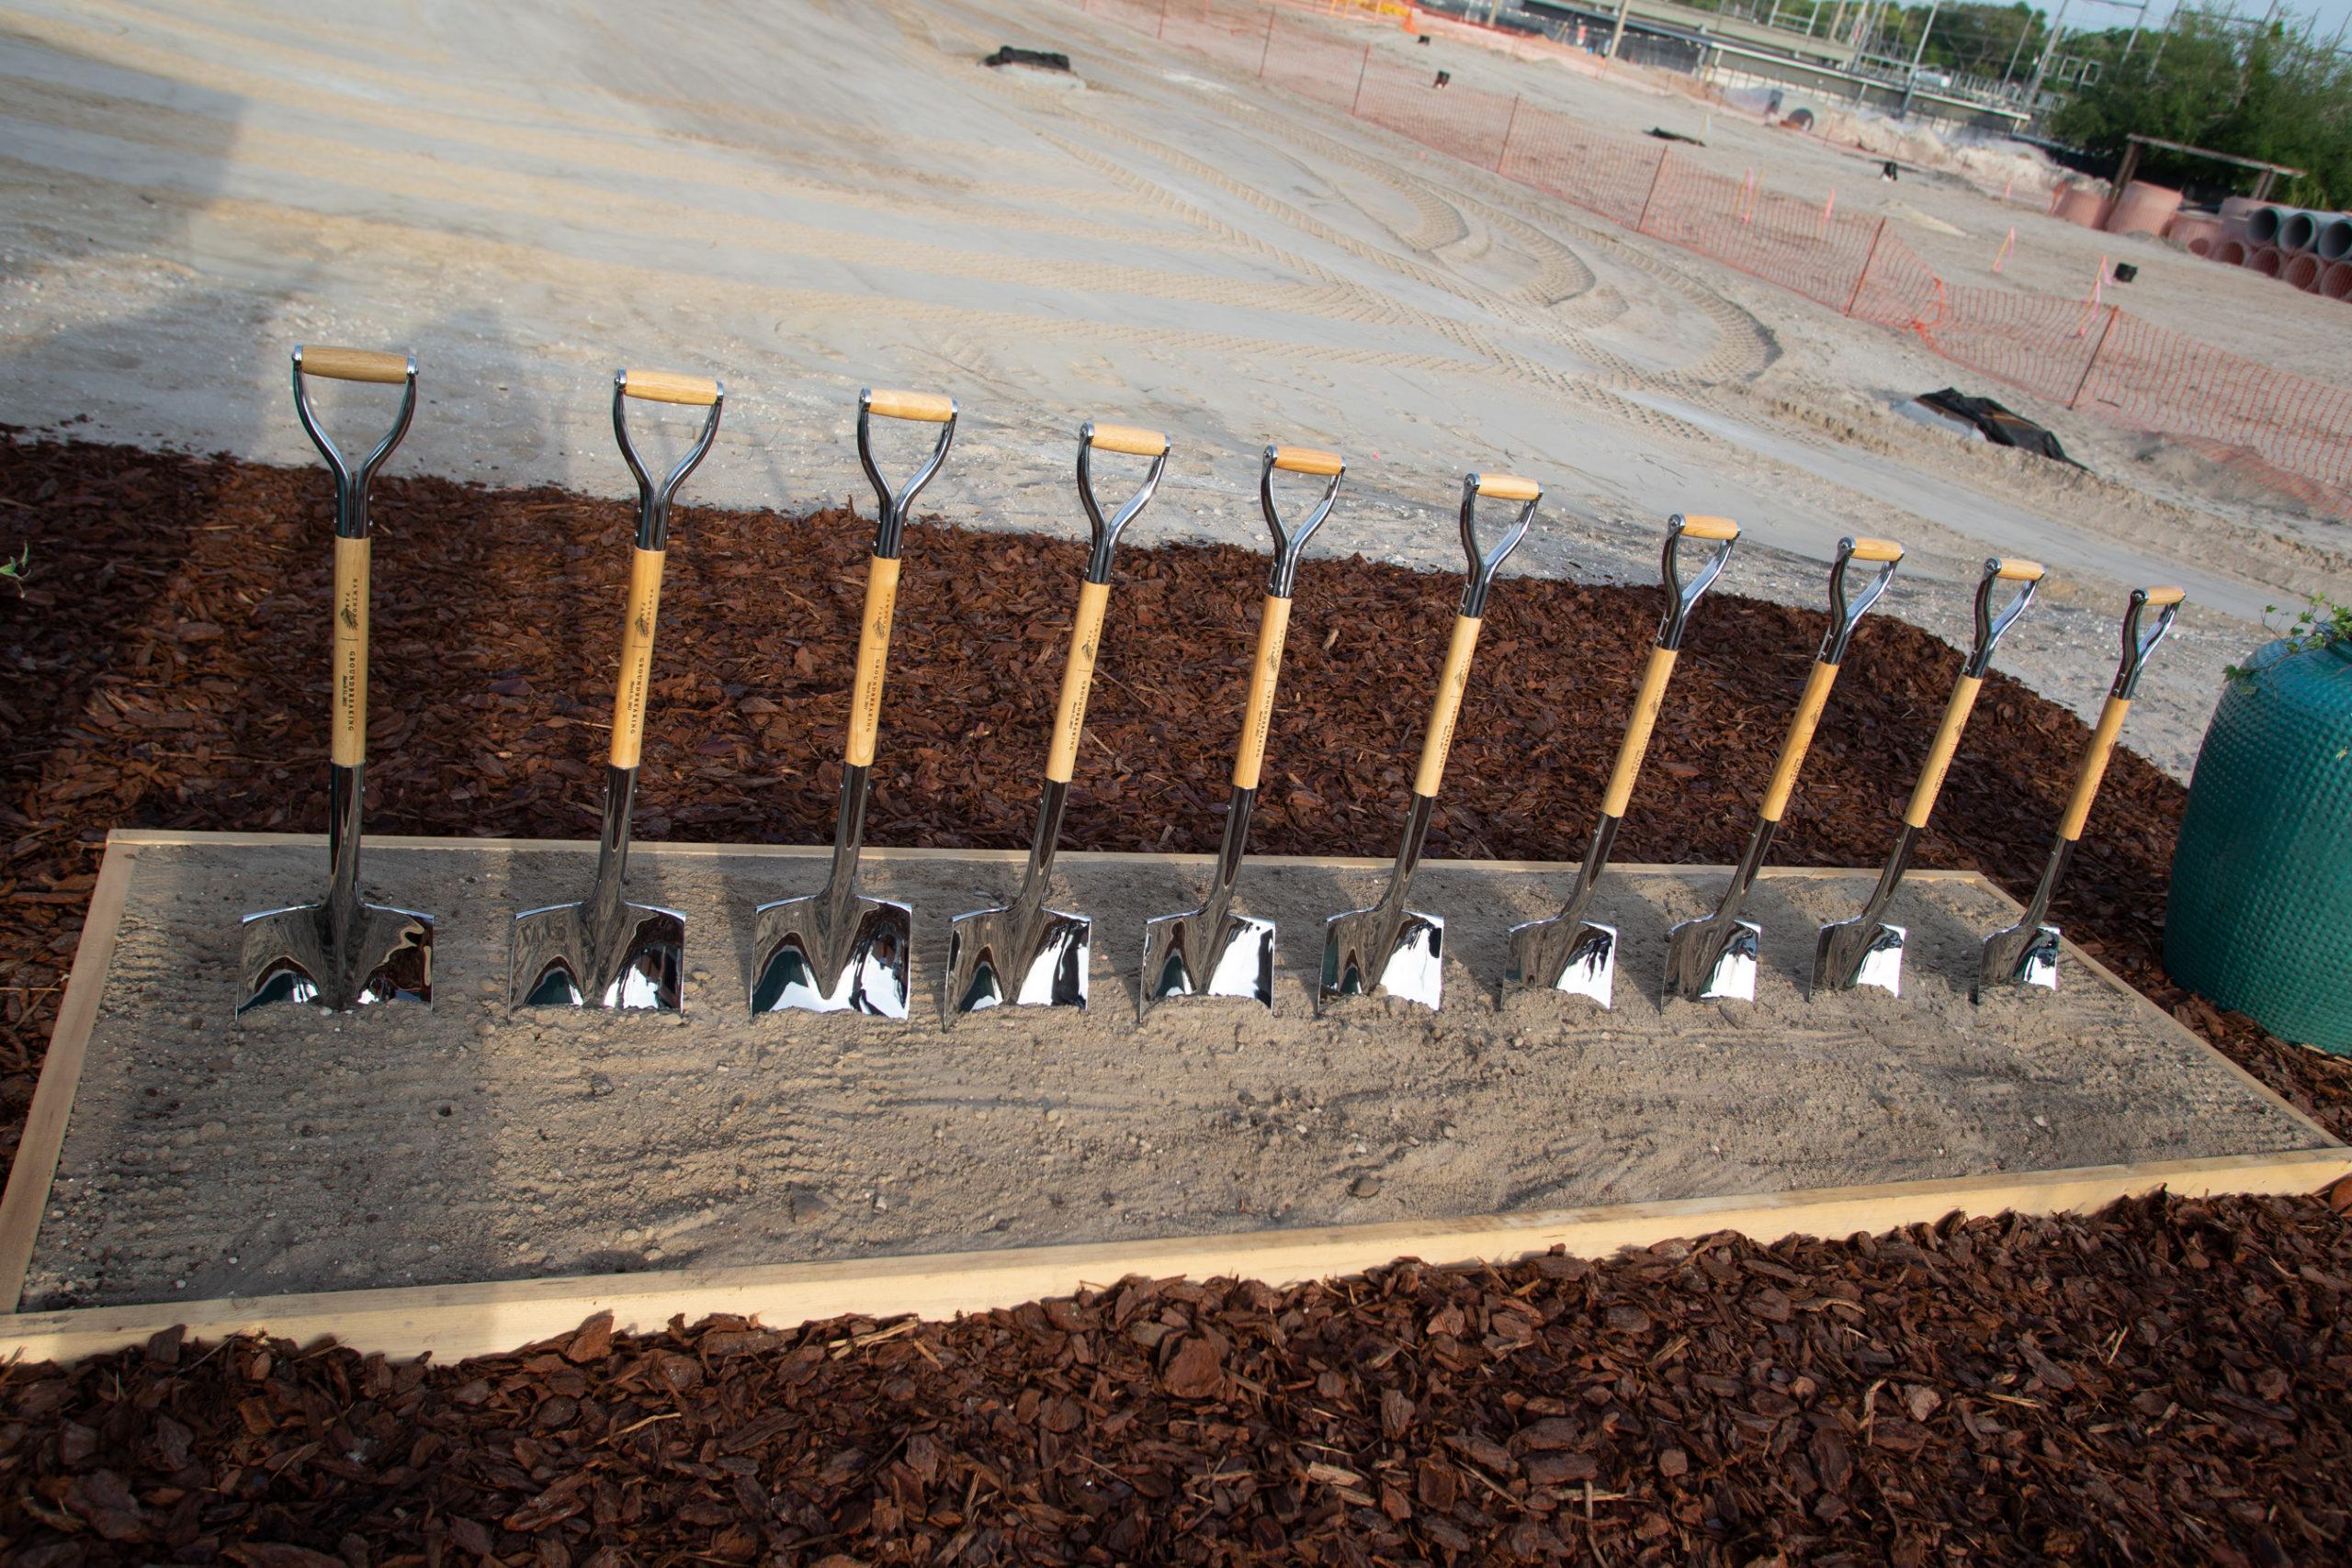 Una fila de palas parcialmente clavadas en el suelo marca el inicio de obras de un proyecto